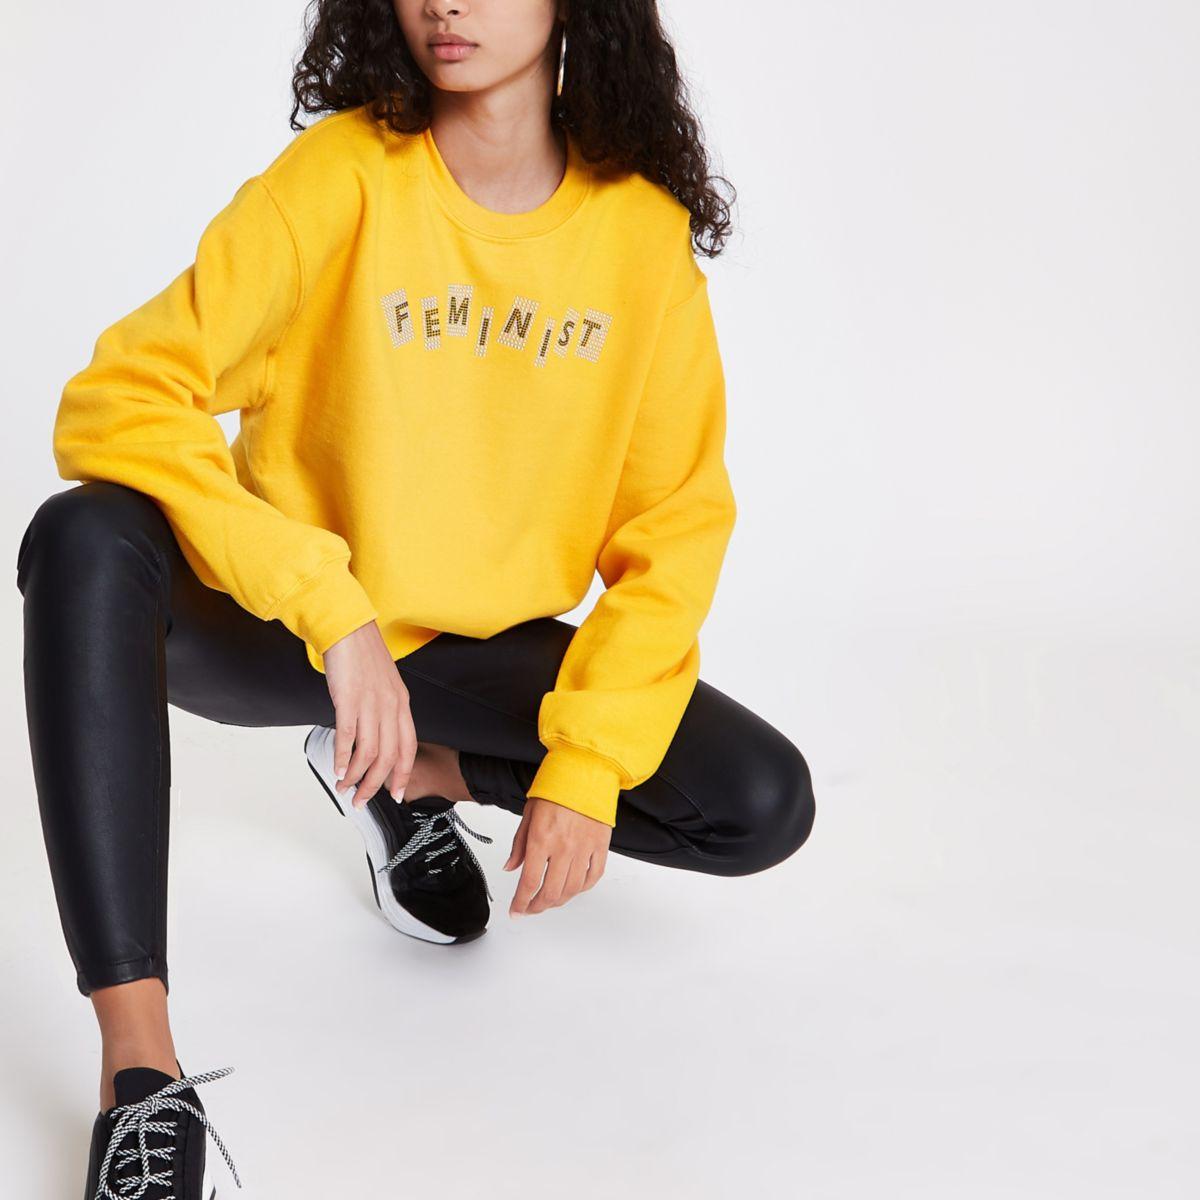 Yellow 'feminist' cropped sweatshirt